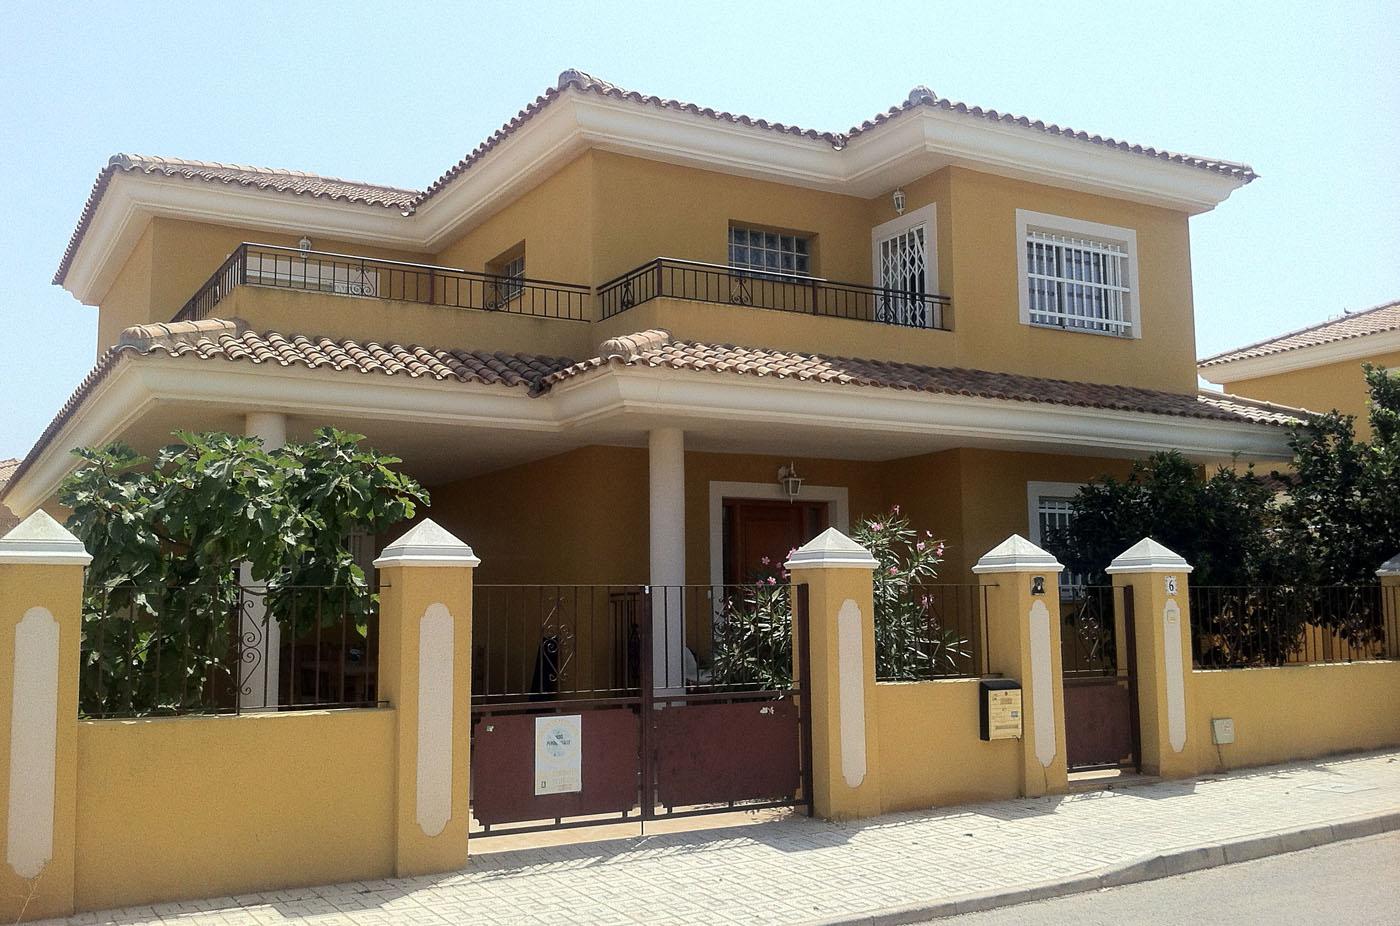 3 viviendas unifamiliares y garajes proyectos - Proyectos casas unifamiliares ...